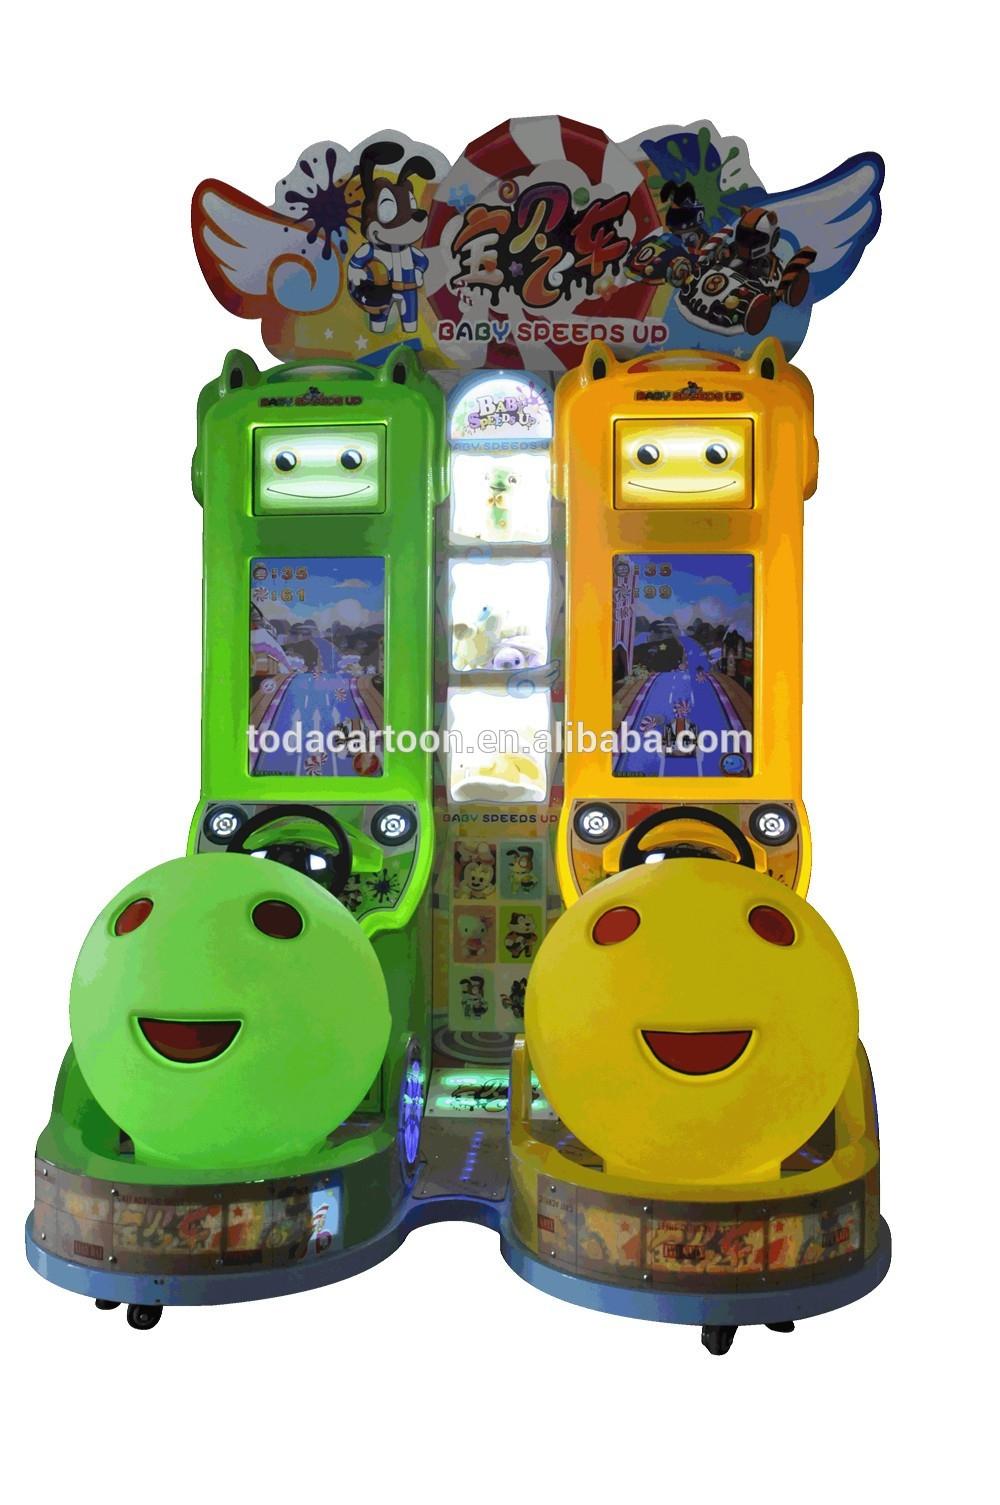 Toda Enfants Machine De Jeu Bébé Simulateur De Course D'arcade Gratuit  Jouer En Ligne Moteur Enfants Jeux De Voiture Pour Les Garçons Vente - Buy avec Jeux Pour Bébé En Ligne